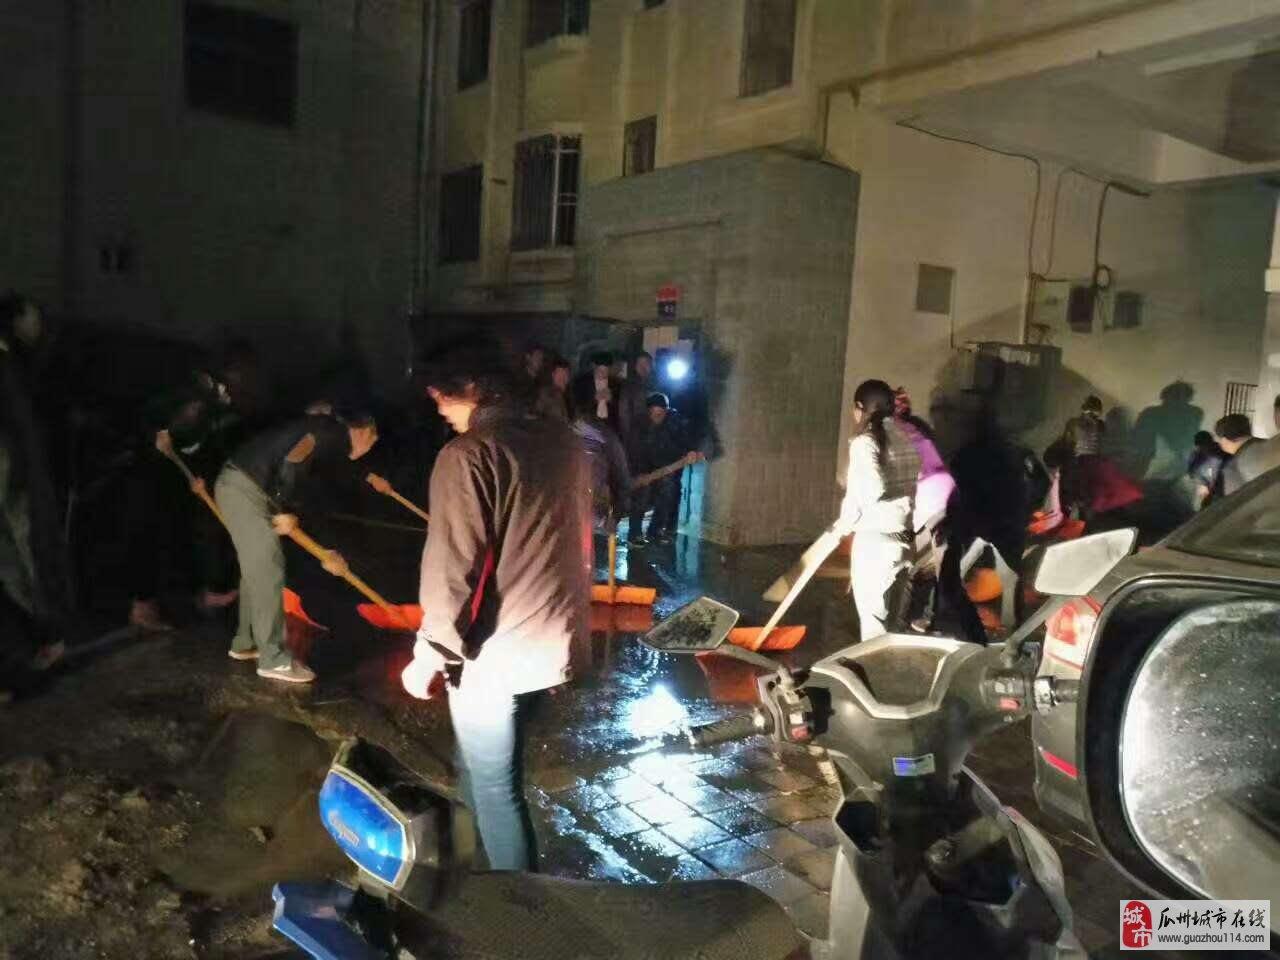 泰和园小区水管爆裂供水所领导干部齐上阵应急突发事件